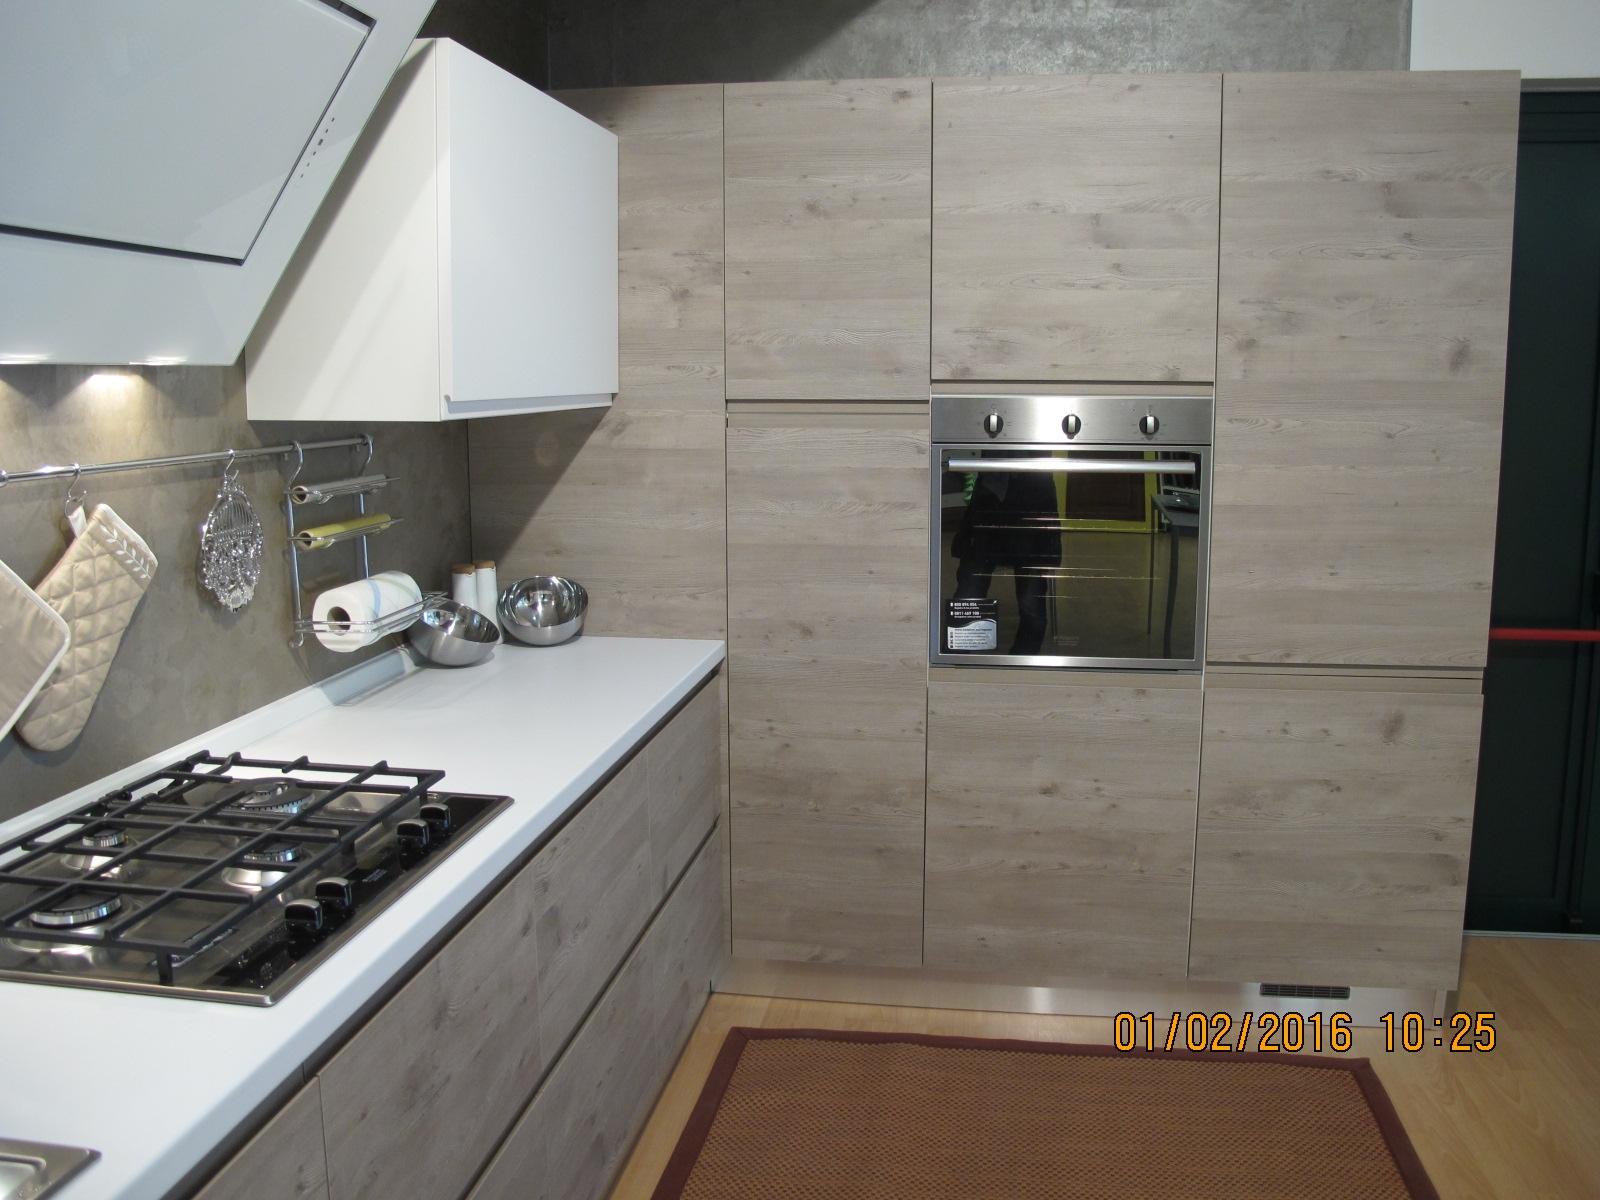 Cucina finitura effetto legno con dispensa ad angolo - Laminato in cucina ...